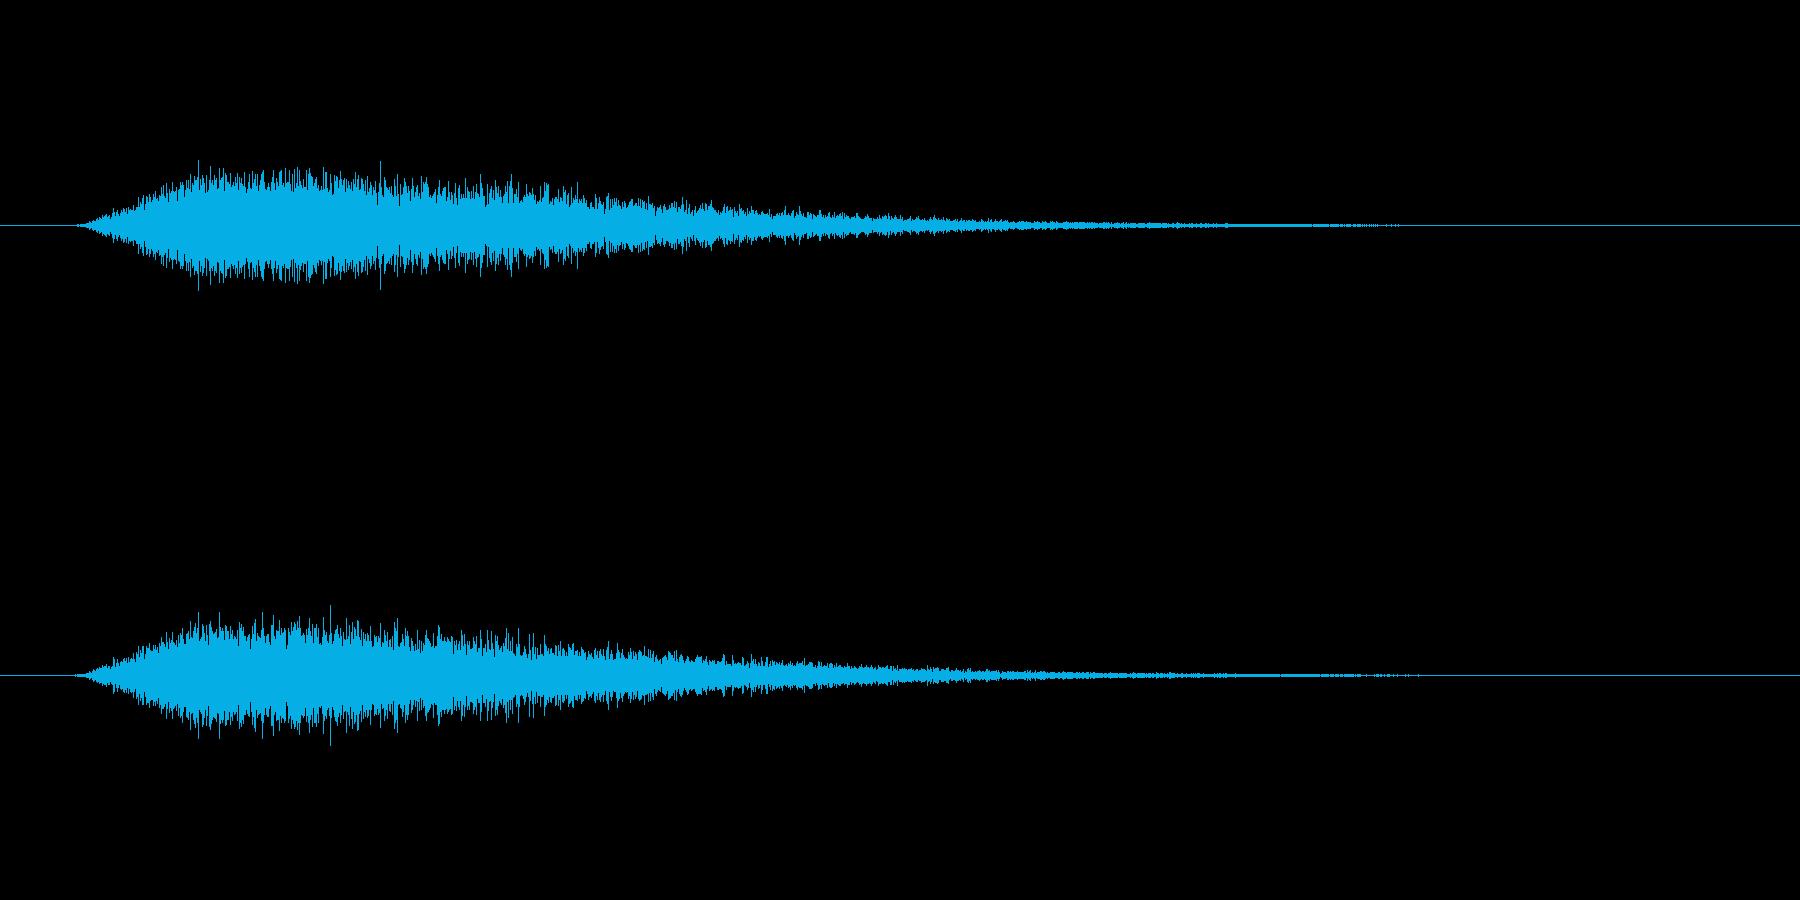 【ショートブリッジ31-1】の再生済みの波形